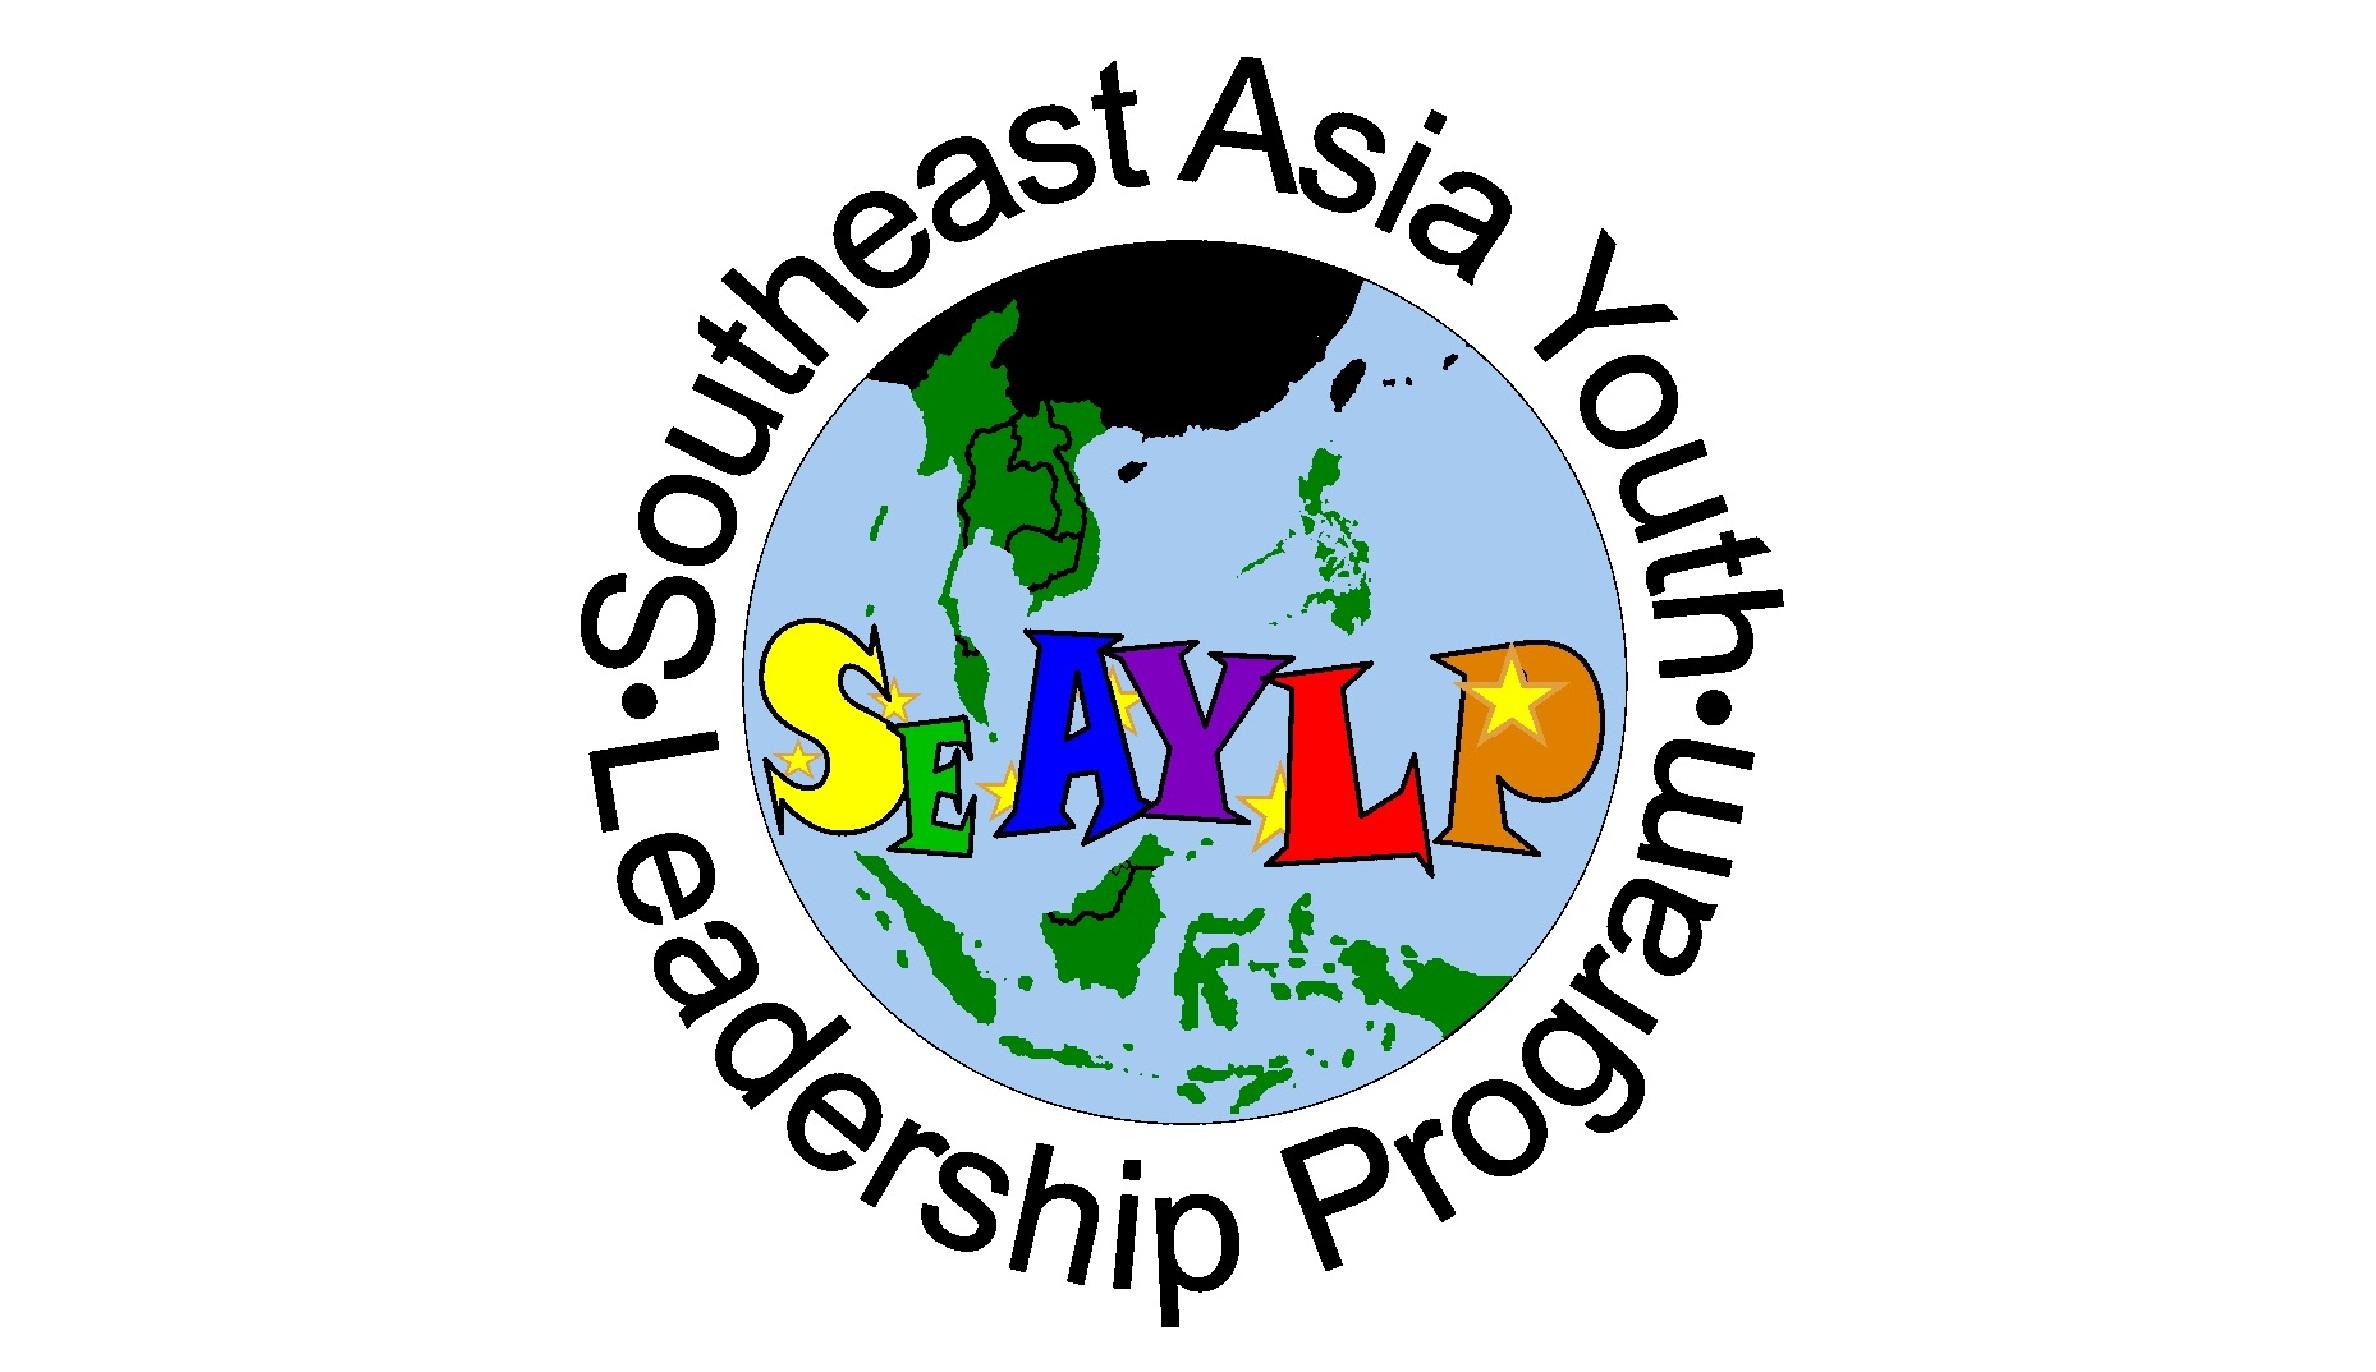 Chương trình Thủ lĩnh Thanh niên Đông Nam Á 2019 tìm kiếm 5 ứng viên Việt Nam